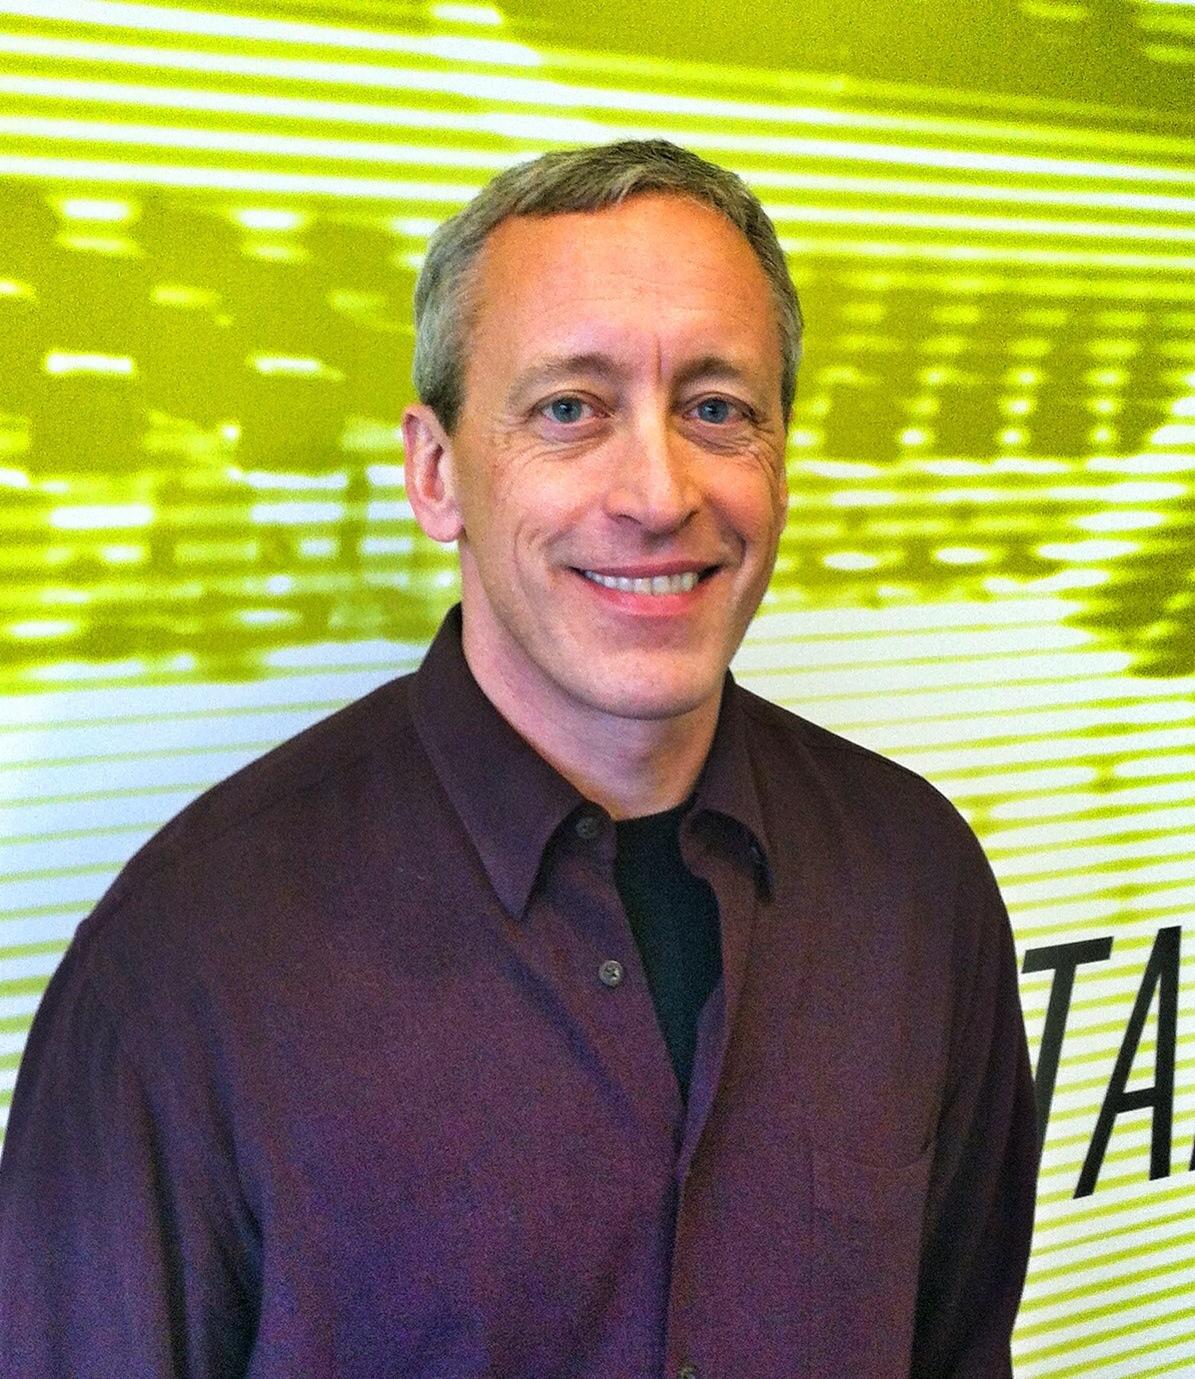 Getting to know AEMM: Joe Bogdan, Assistant Professor